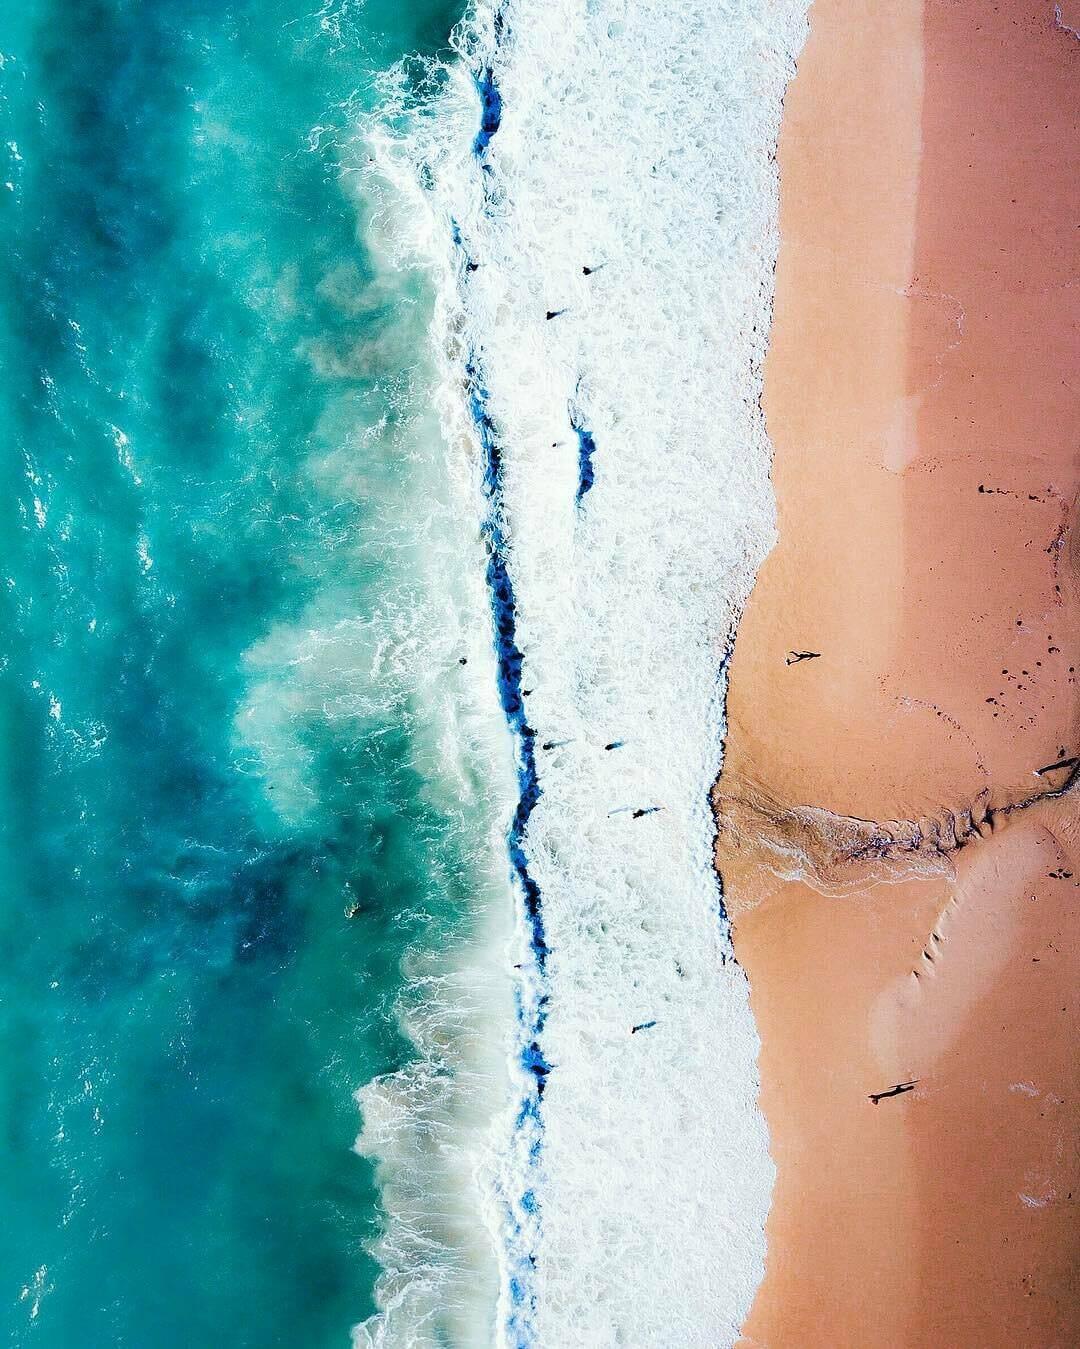 ドローンフォトグフラファーによる真上から見た美しい写真:MR BO